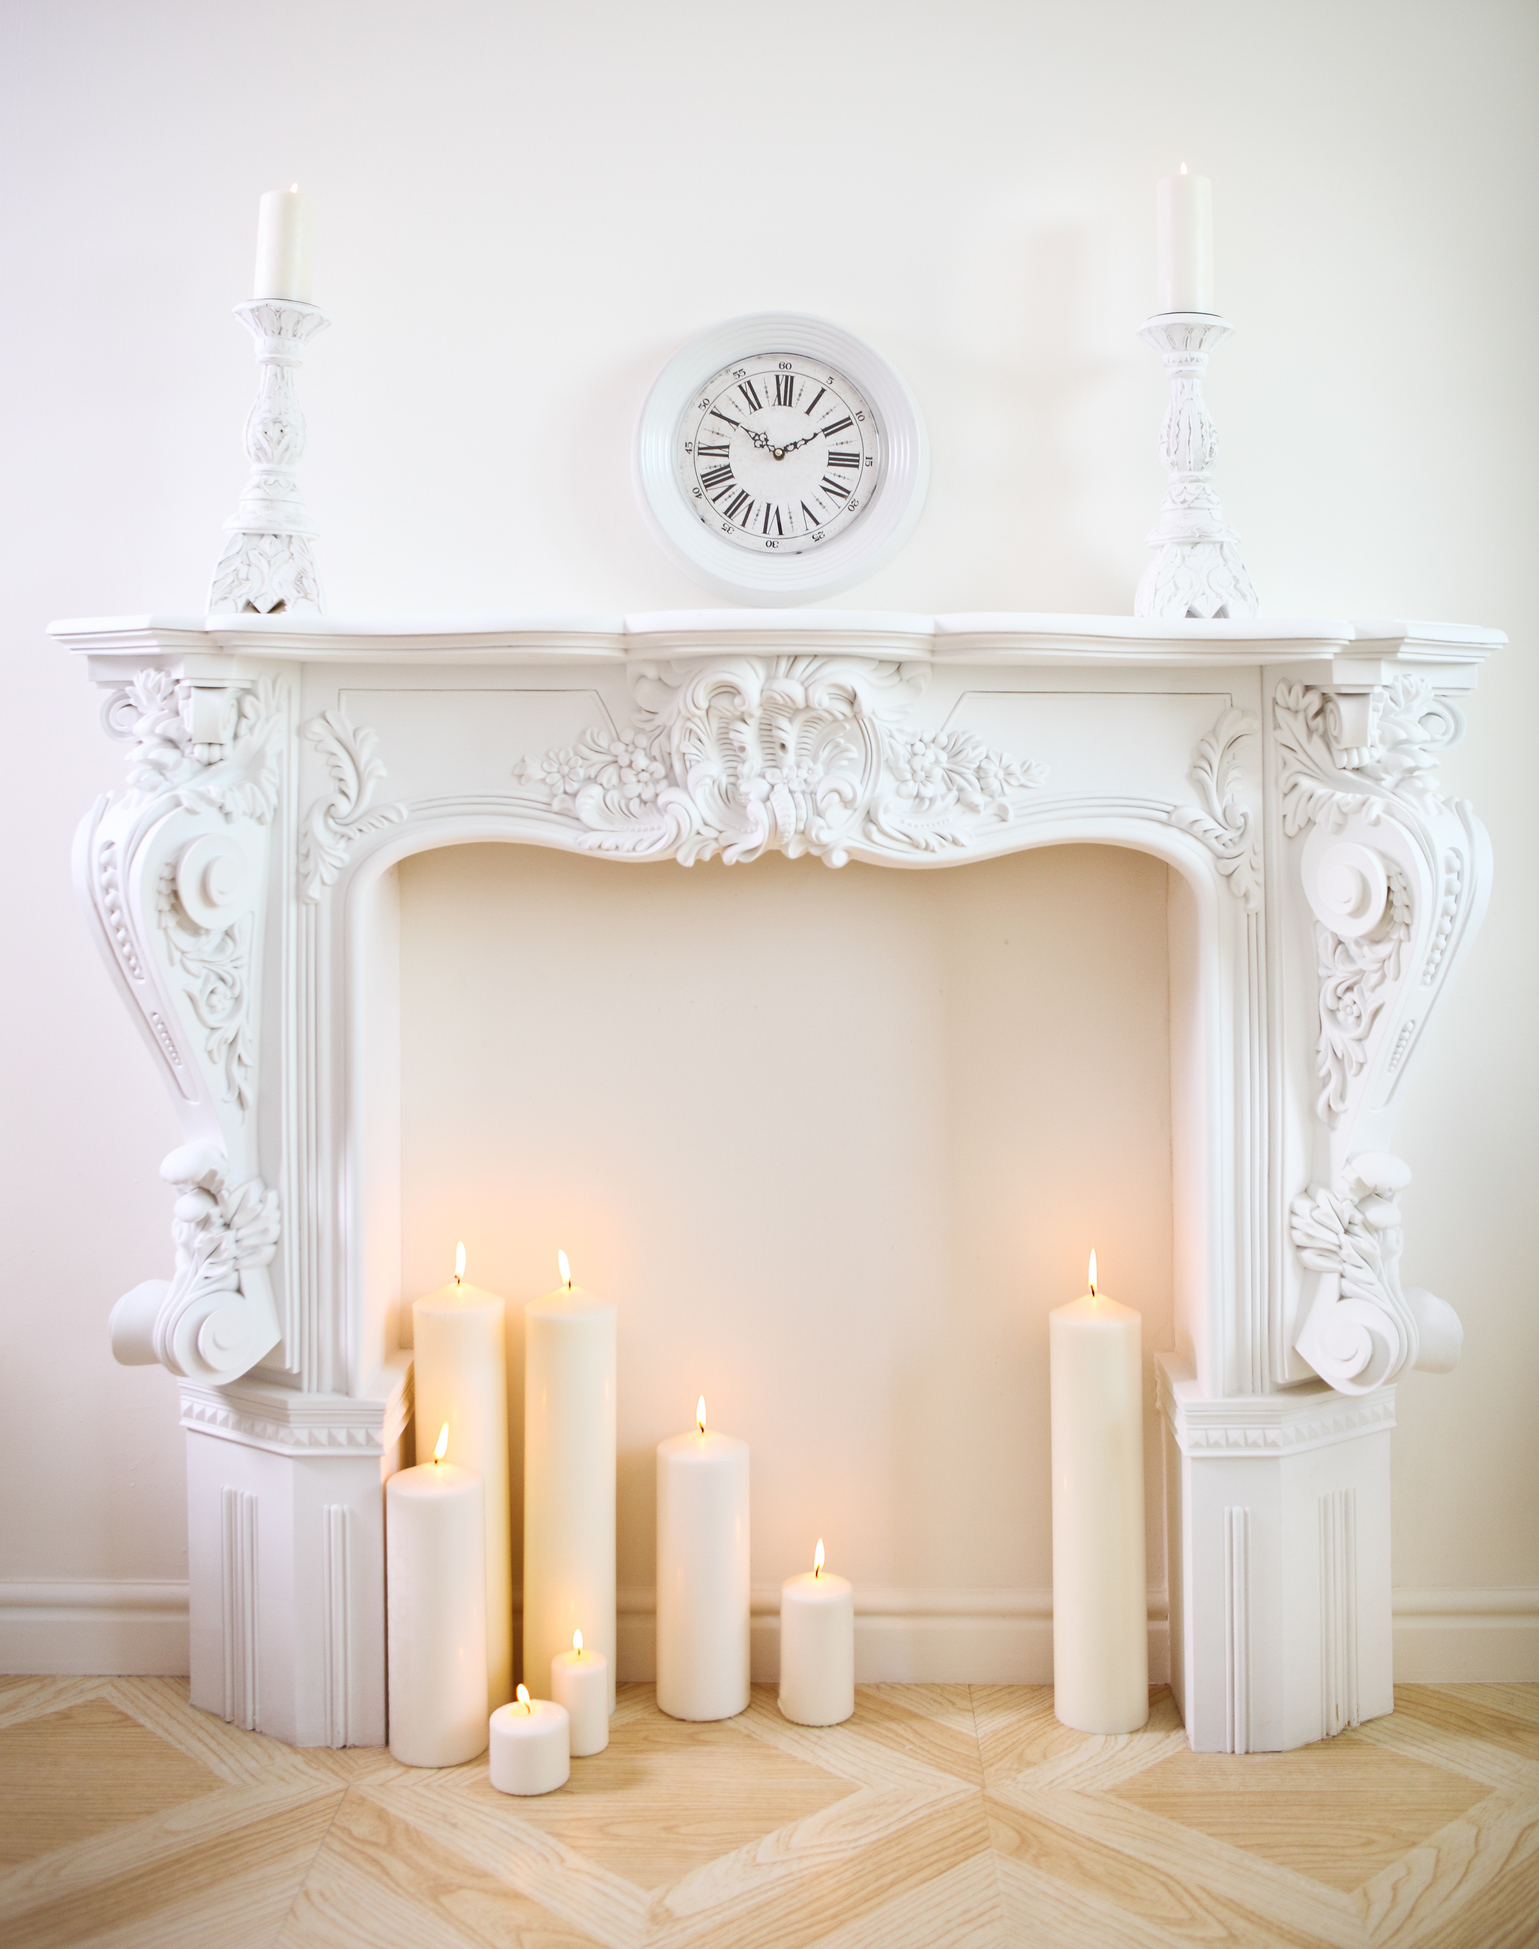 dekoracja w kształcie kominka